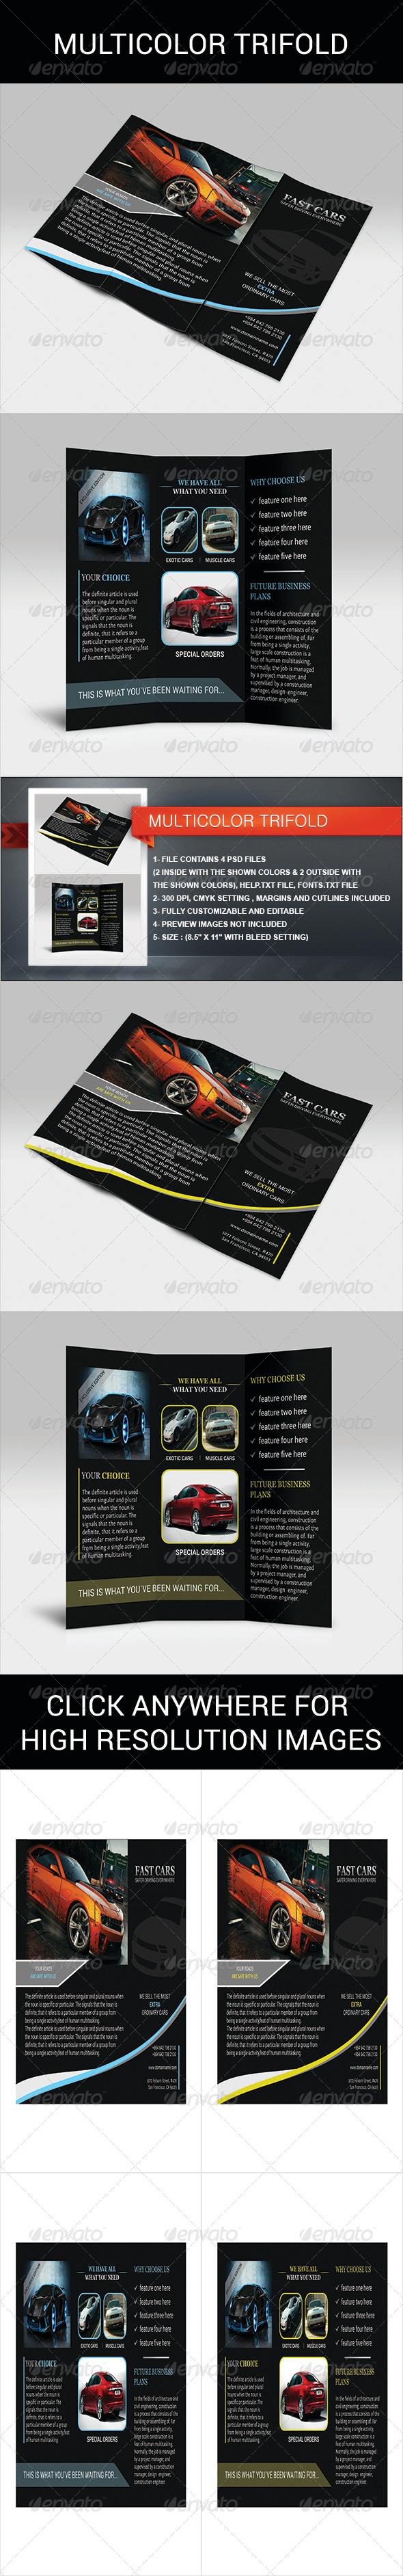 GraphicRiver Multicolor Trifold 4267409